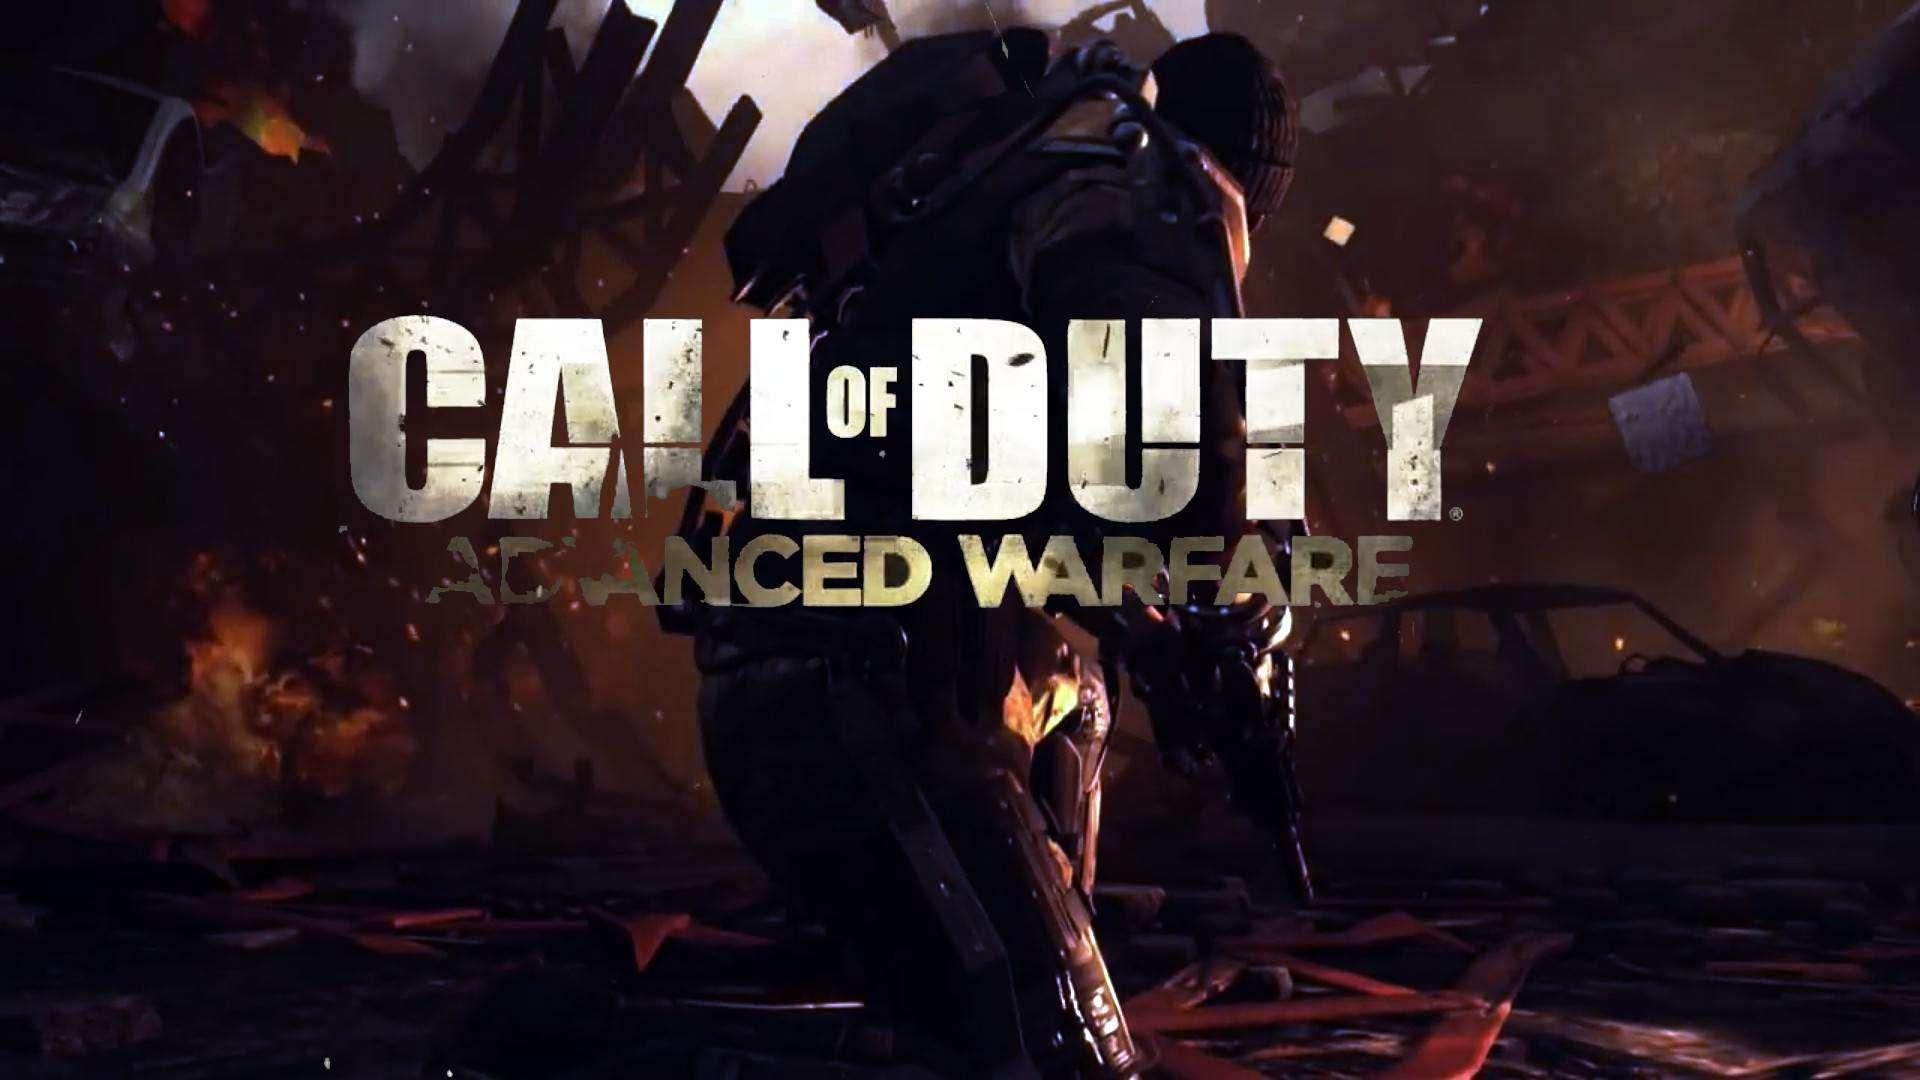 Hd wallpaper upload - Wallpaper Call Of Duty Advanced Warfare 04 Hd Wallpaper Upload At